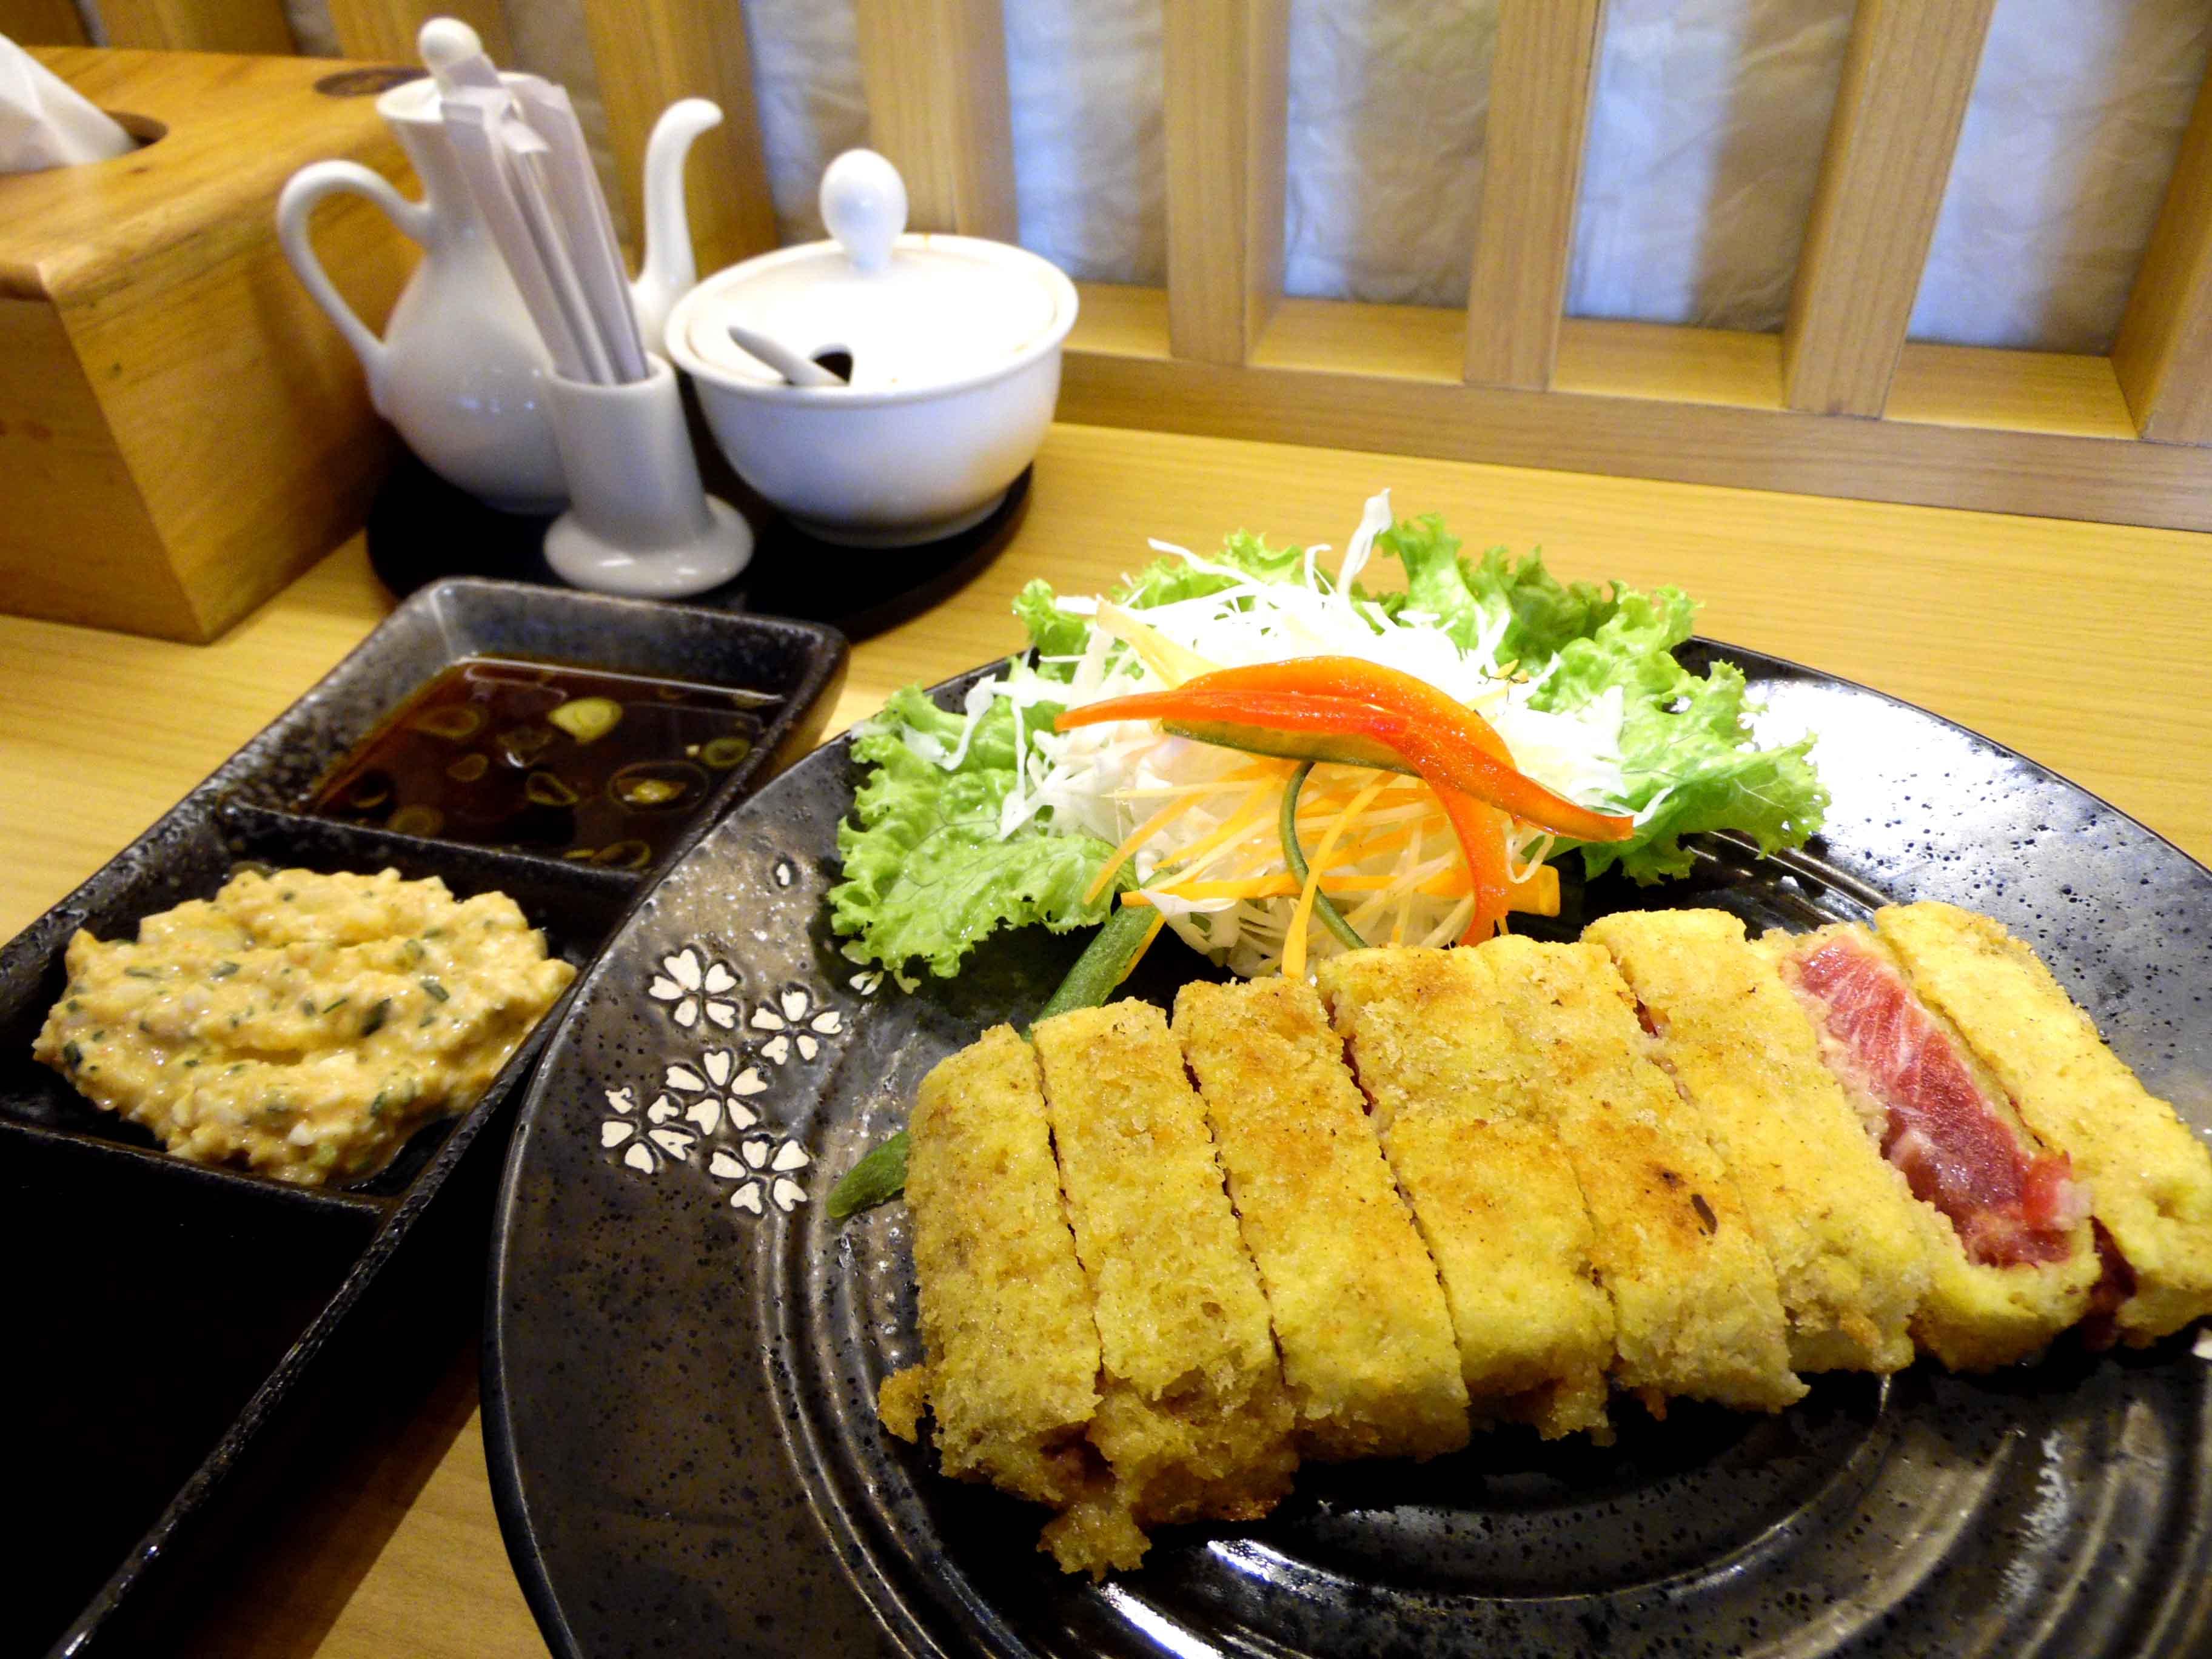 Sajian Lengkap Menu Makanan Jepang Yang Lezat Hijaubintaro